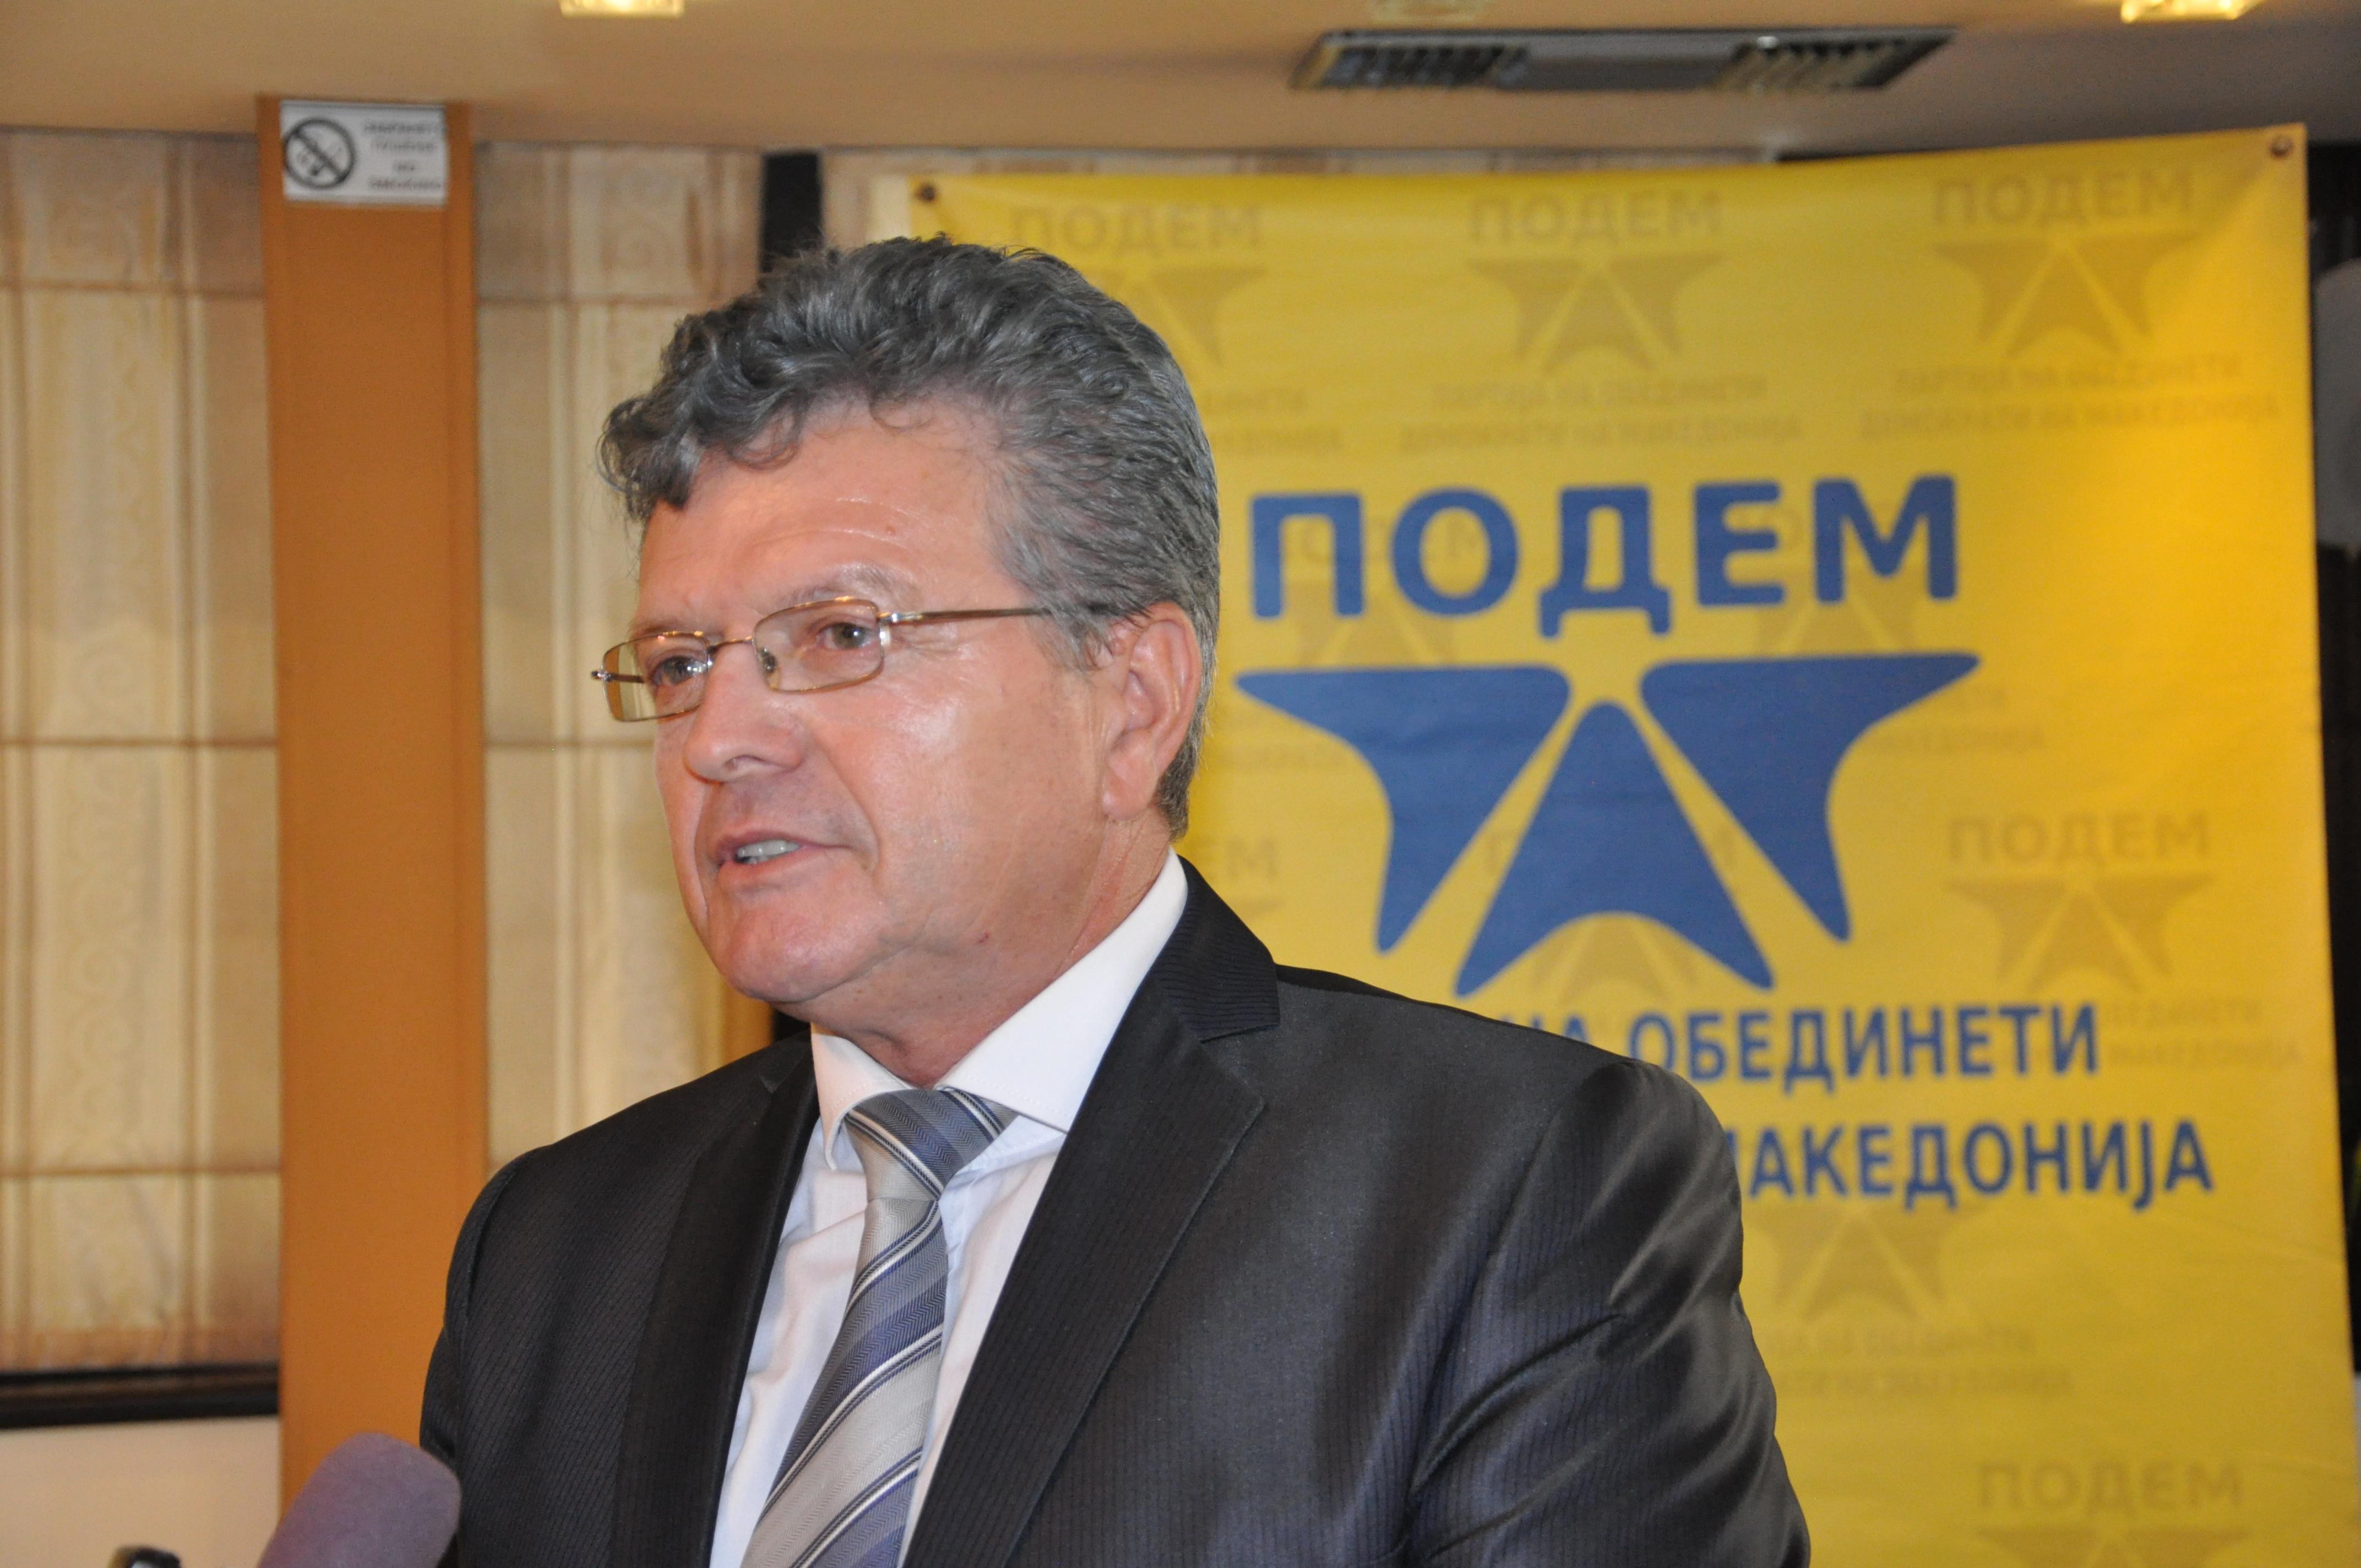 Јанкуловски: И Македонија има свој тројански коњ (Колумна)